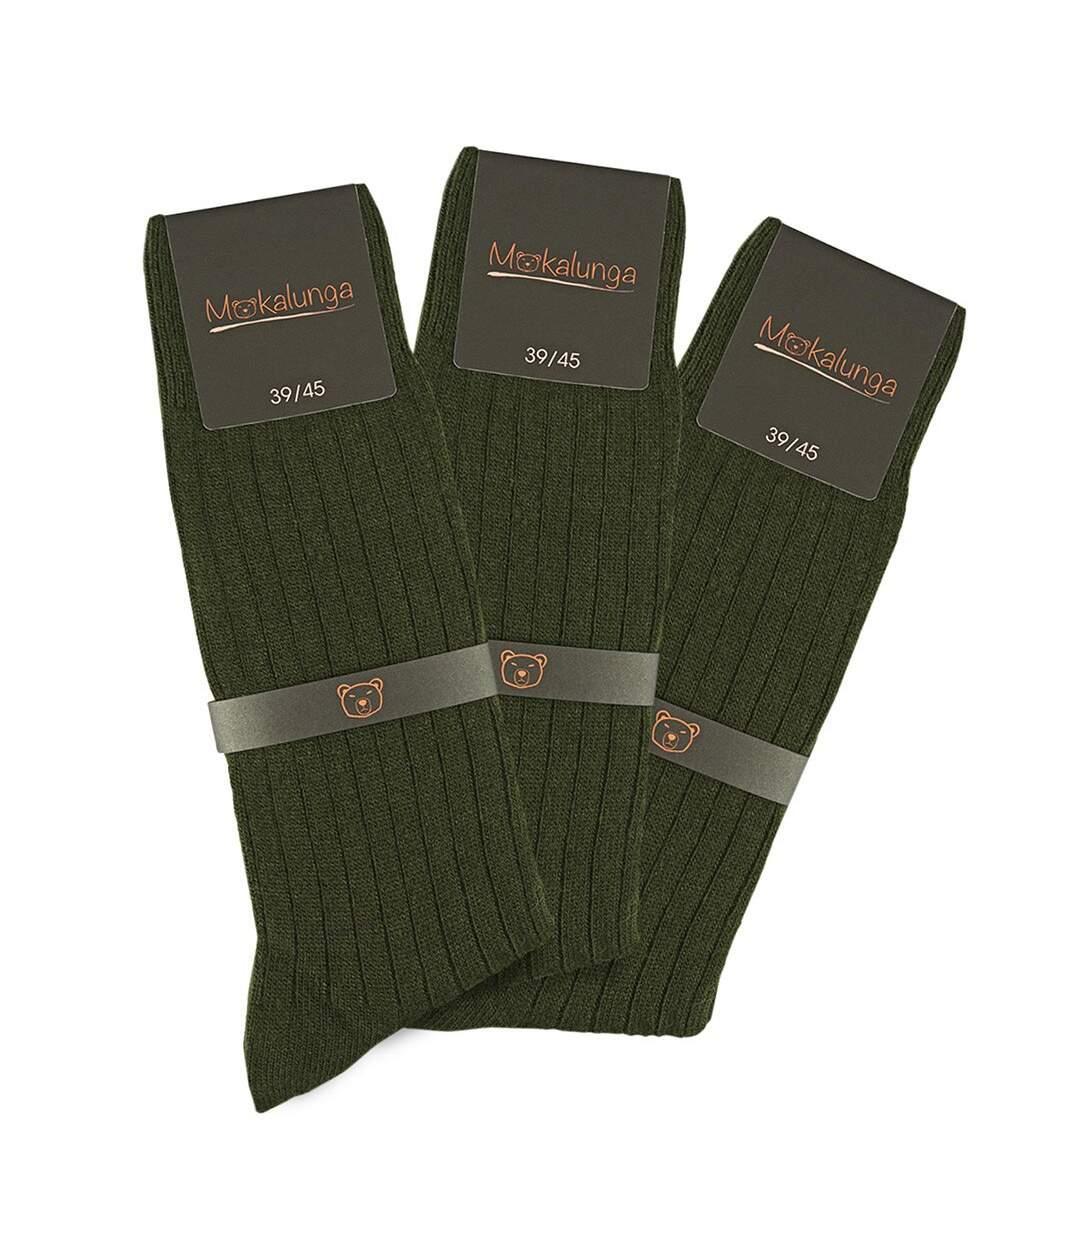 Chaussettes homme Mokalunga   (Lot de 3 paires) - Fabriqué en UE